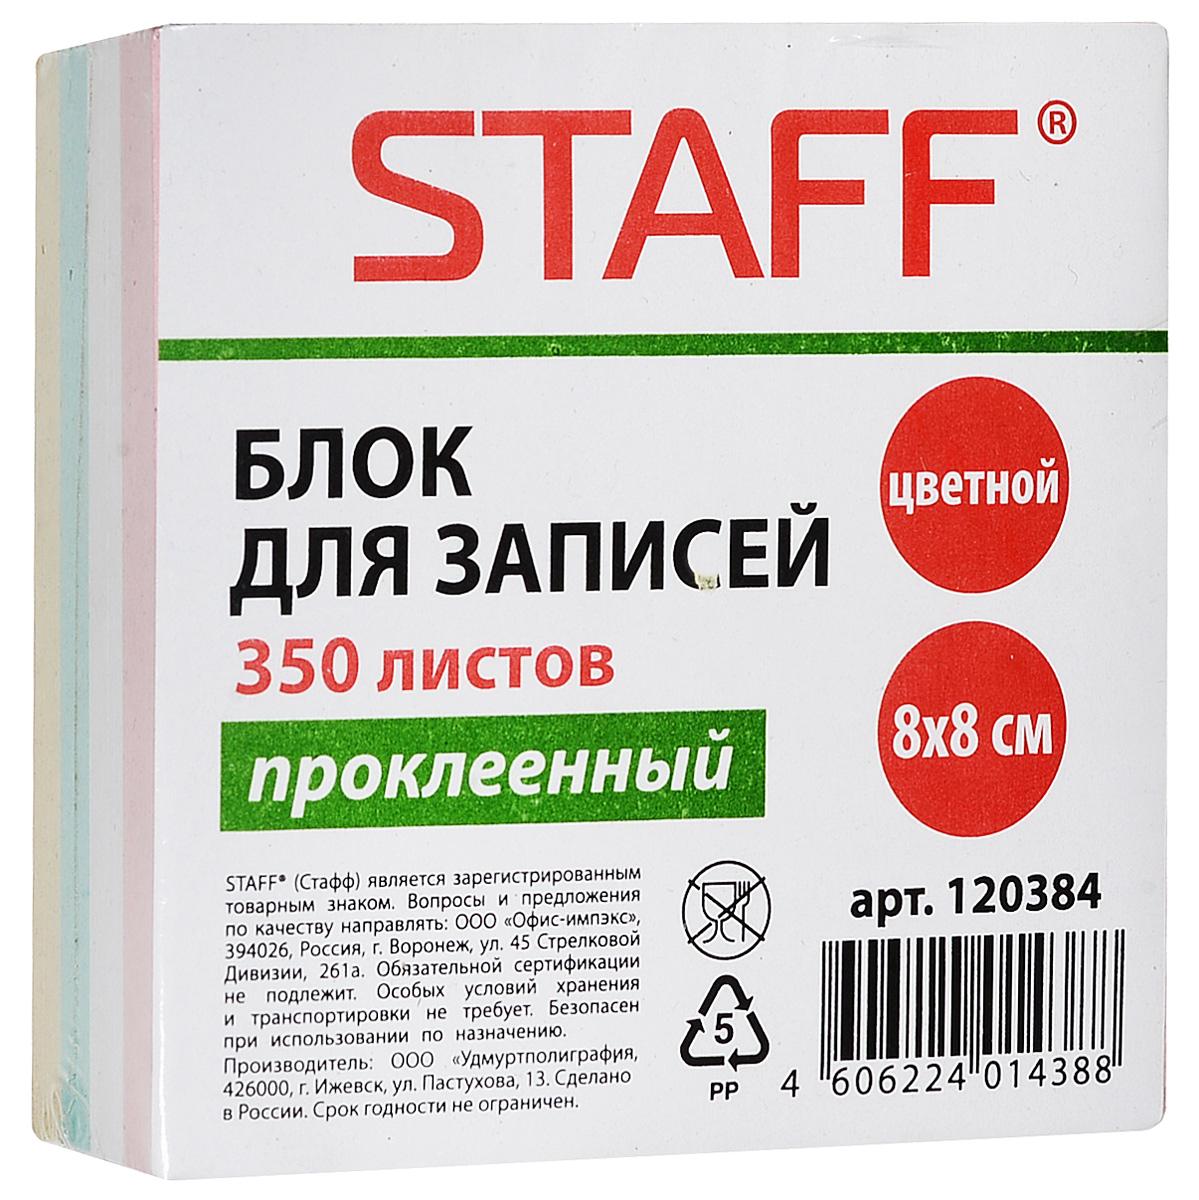 Staff Бумага для заметок 8 х 8 см 350 листов цвет мультиколор0703415Бумага для заметок Staff непременно привлечет к себе внимание.Бумага состоит из 350 разноцветных листочков, которые удобны для заметок, объявлений и других коротких сообщений. Сменные блоки бумаги предназначены для использования в пластиковых подставках и настольных органайзерах.